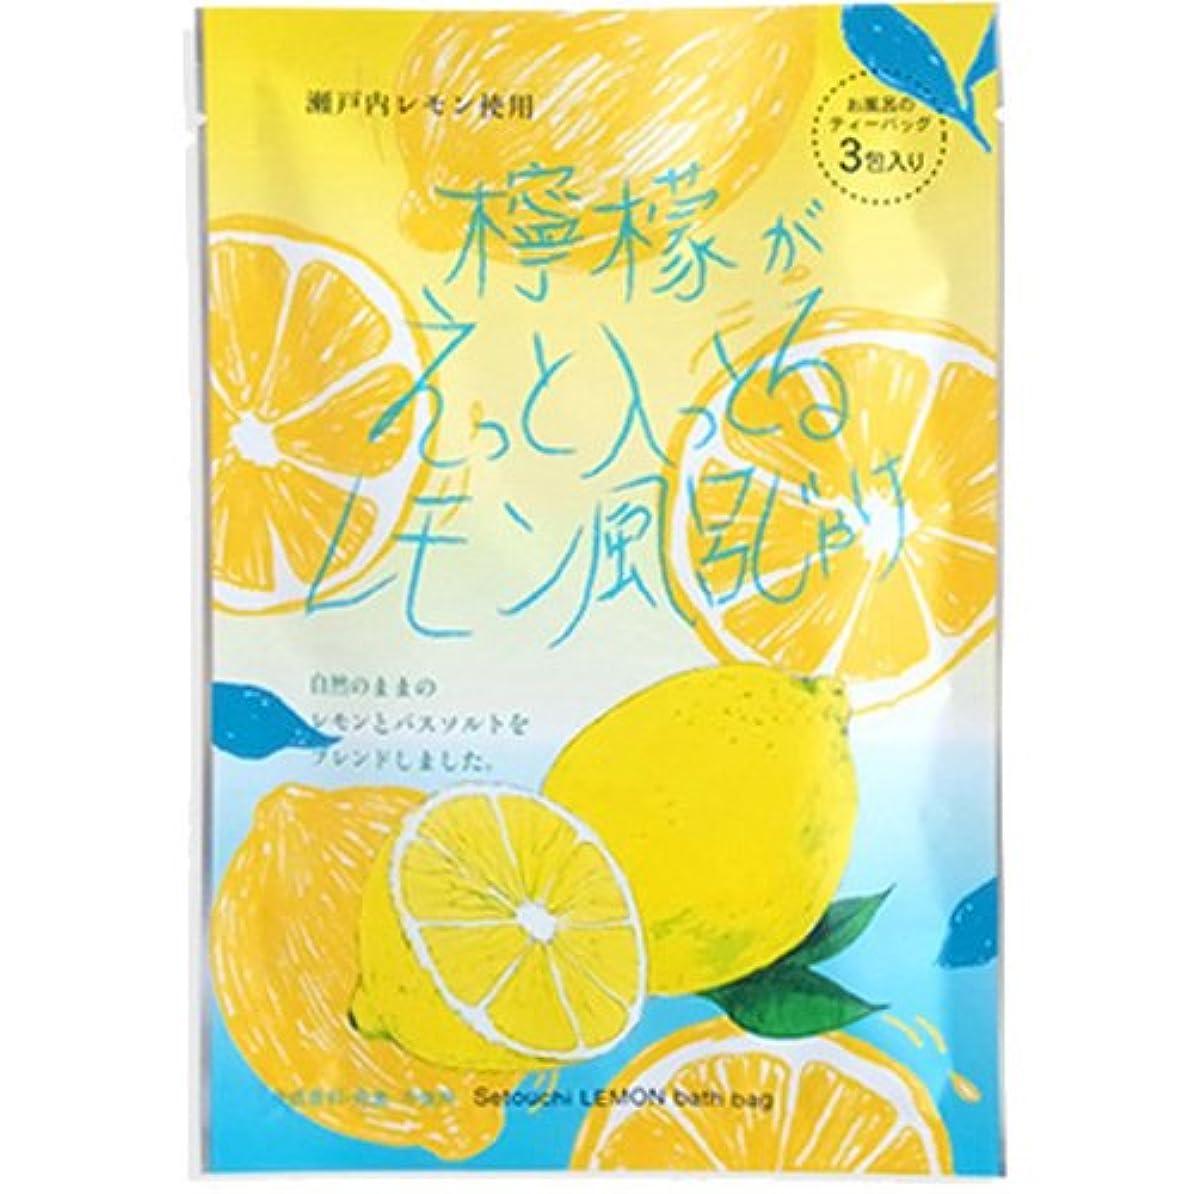 クラブバッチ相互檸檬がえっと入っとるレモン風呂じゃけ